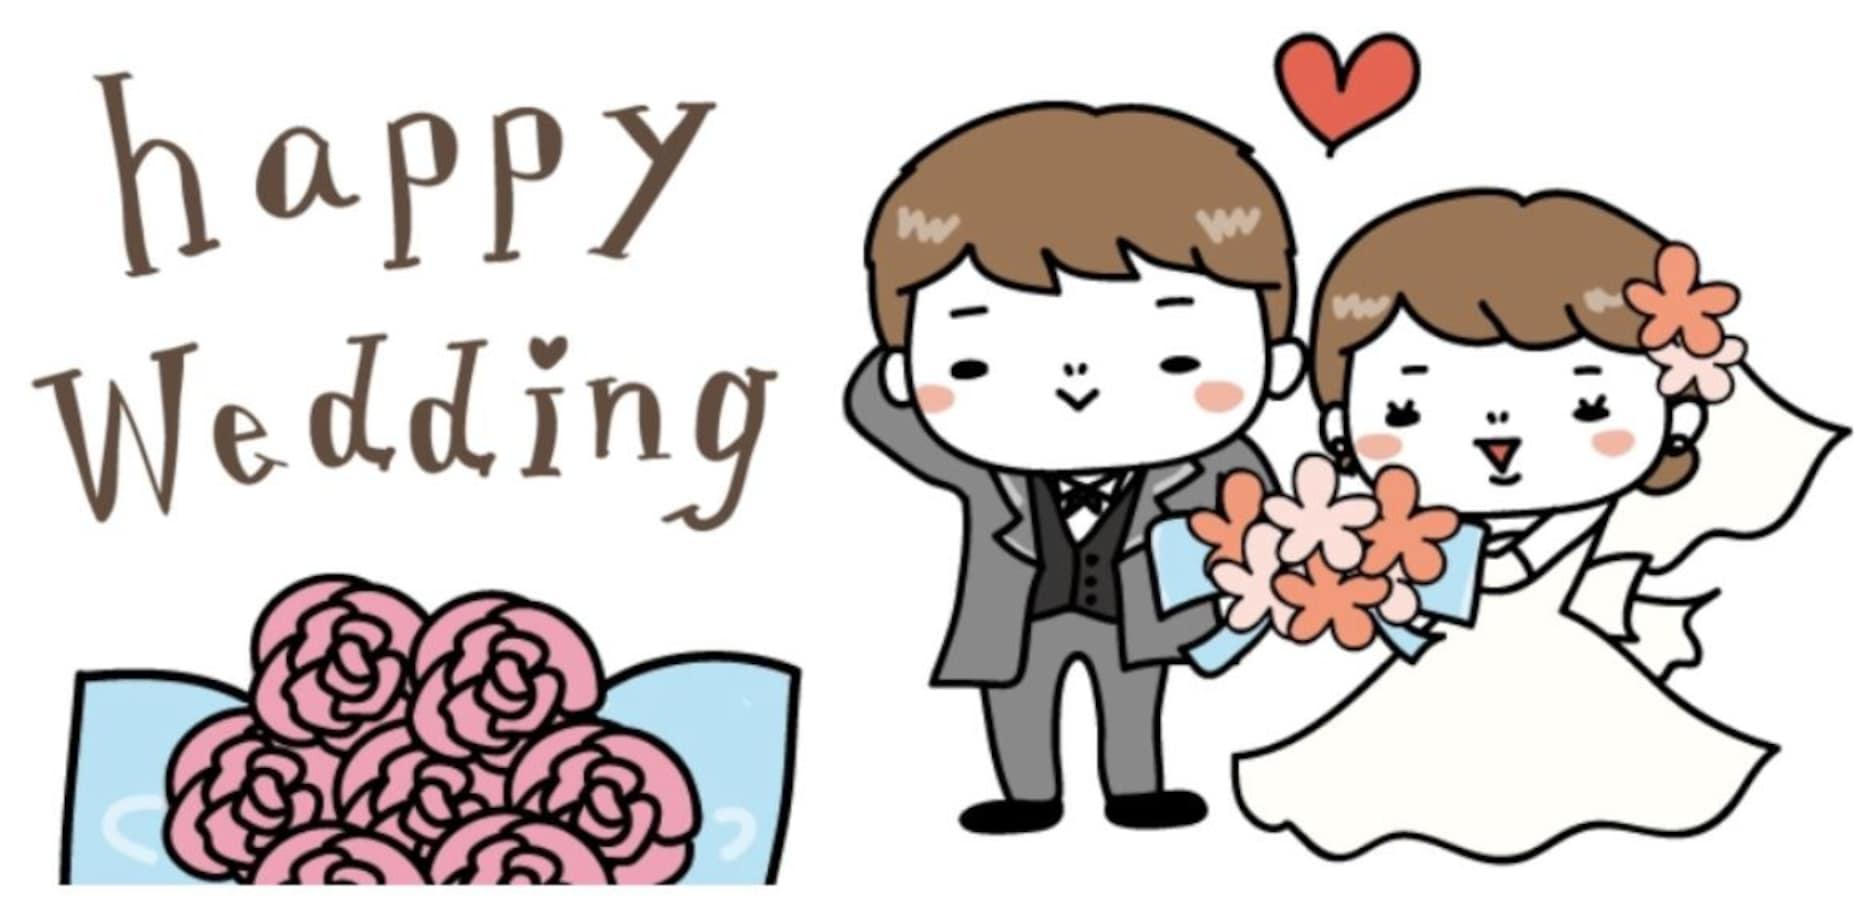 結婚式ウェディングのかわいい無料イラストカード素材 Web素材 All